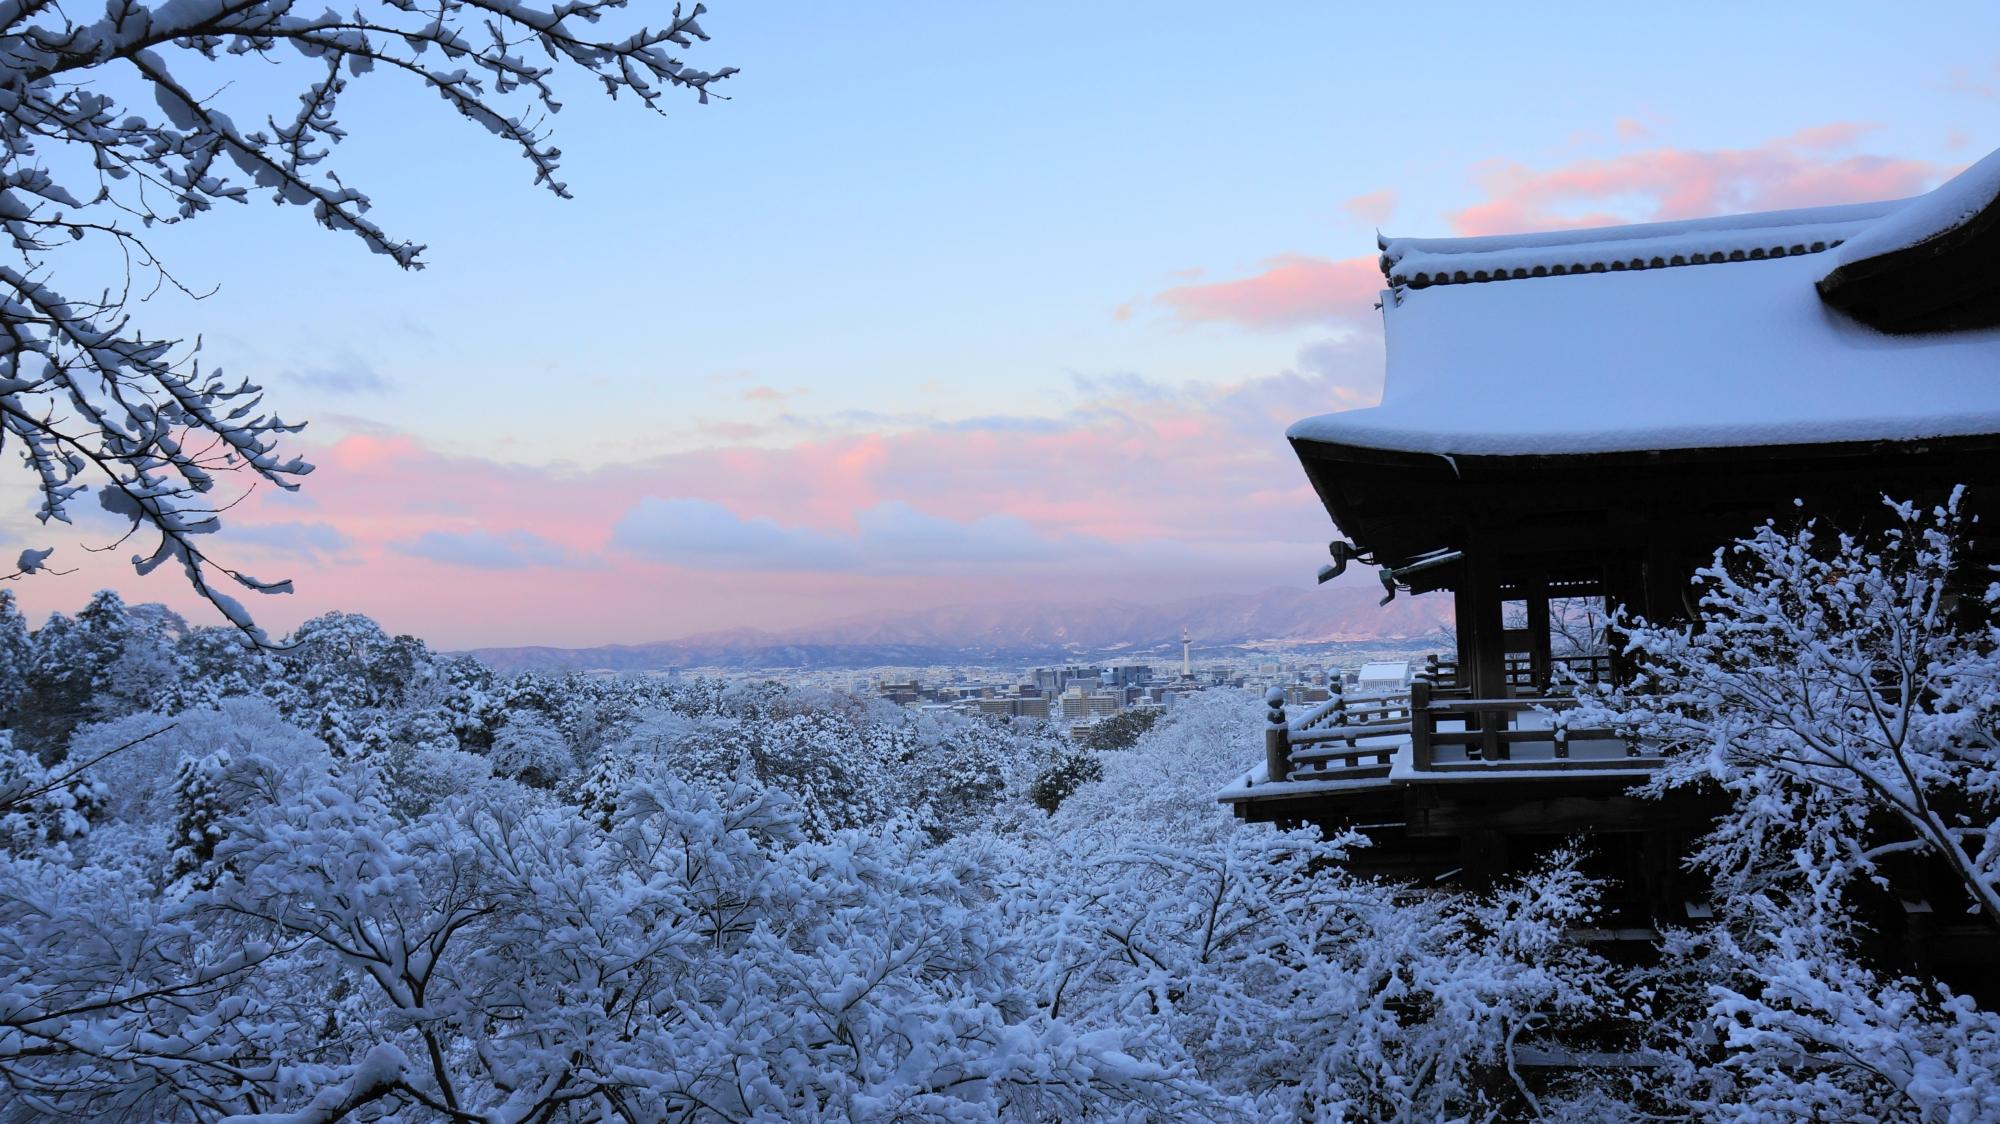 清水寺の真っ白の舞台と朝焼けの絶景